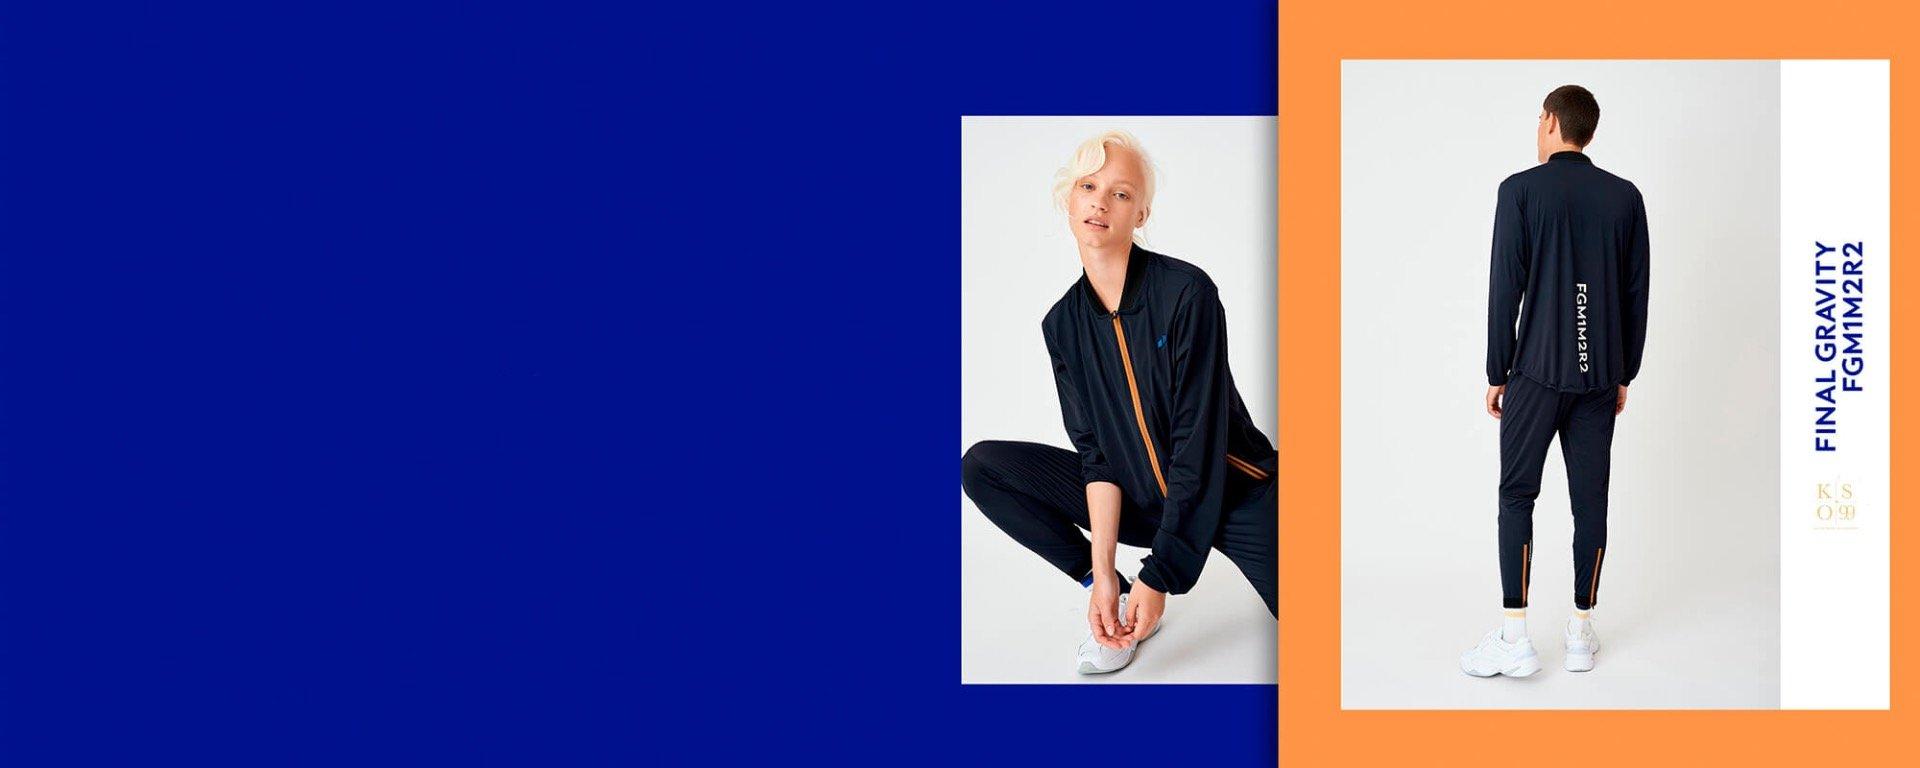 Køb Final Gravity løbetøj, modetøj, online med fri fragt på kaisersport.dk